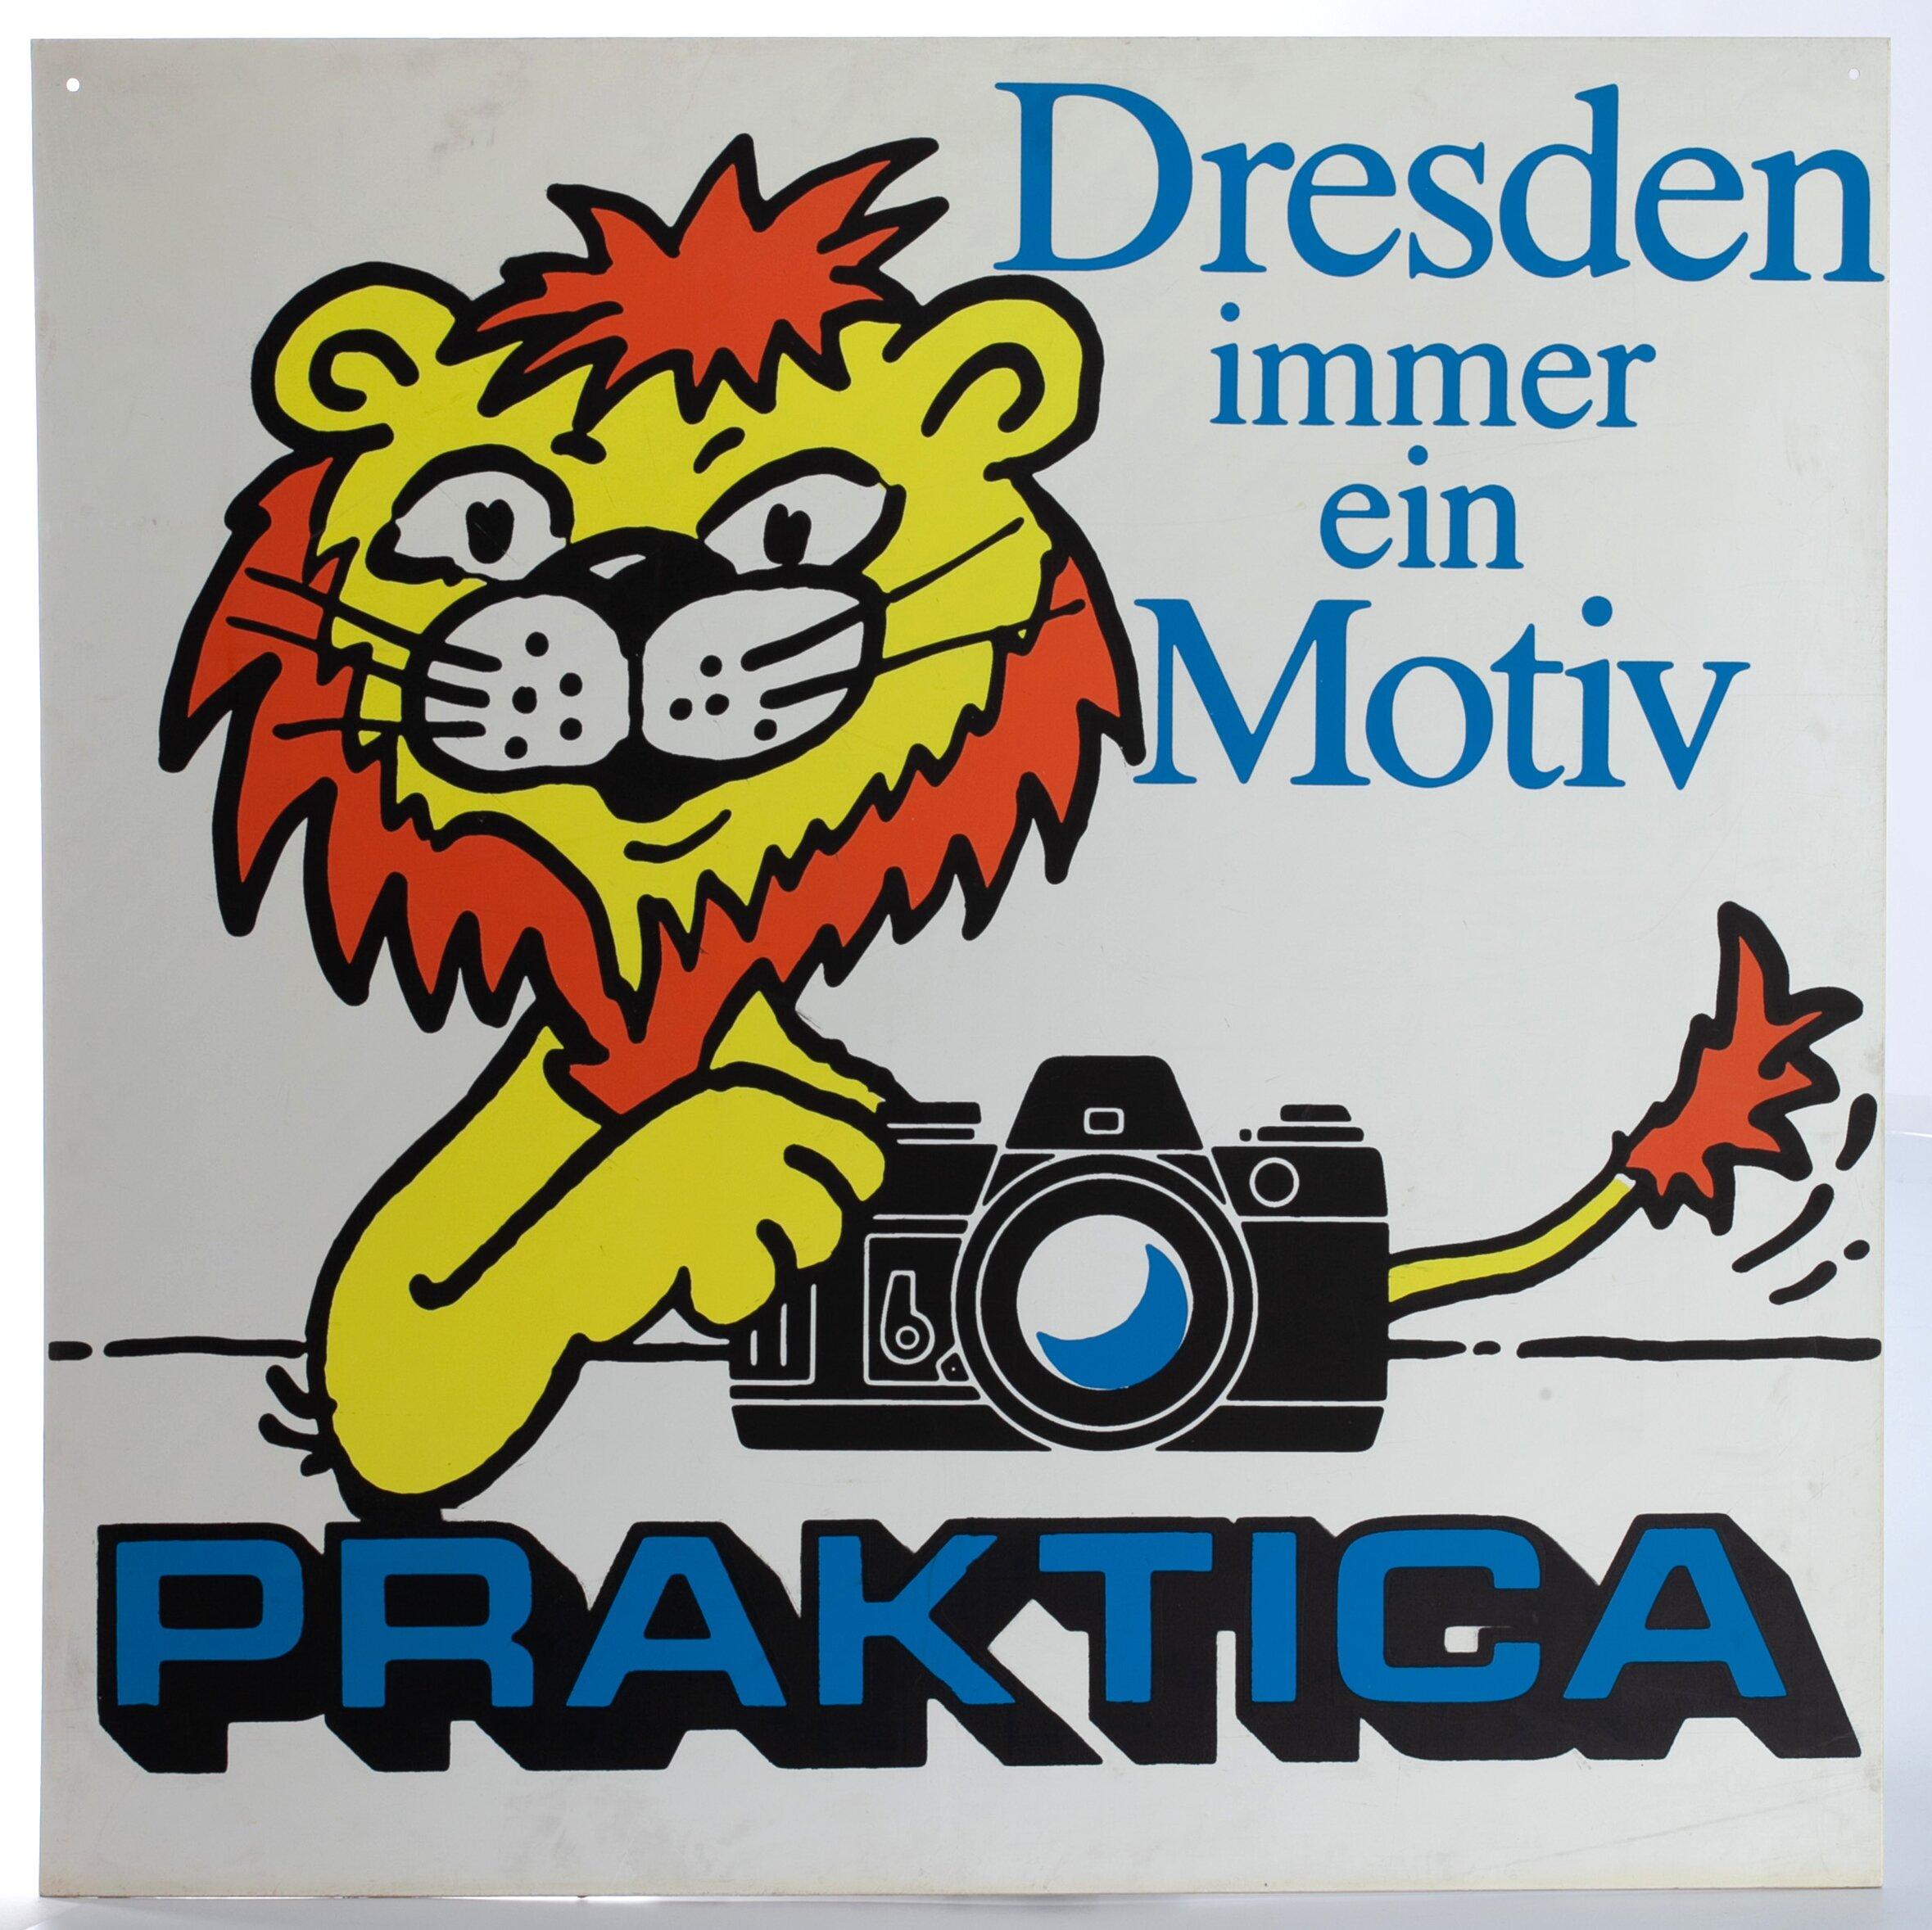 """Praktica """"Dresden immer ein Motiv"""" Praktica Werbung 90x90cm"""